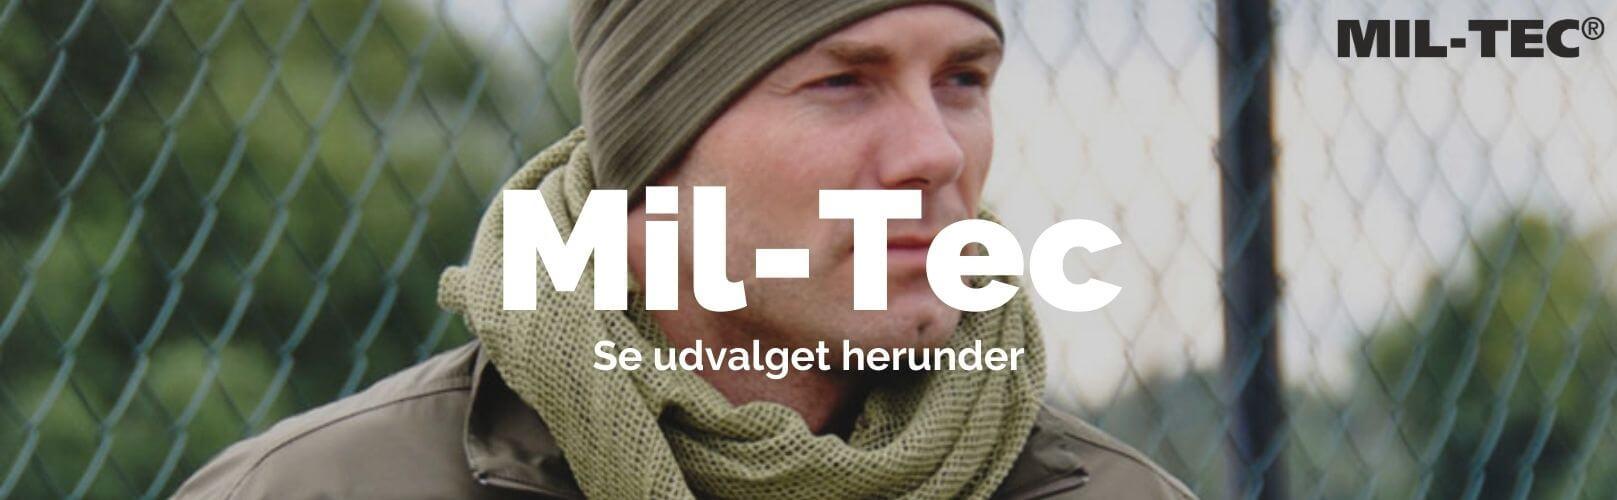 Mil-Tec outdoor banner